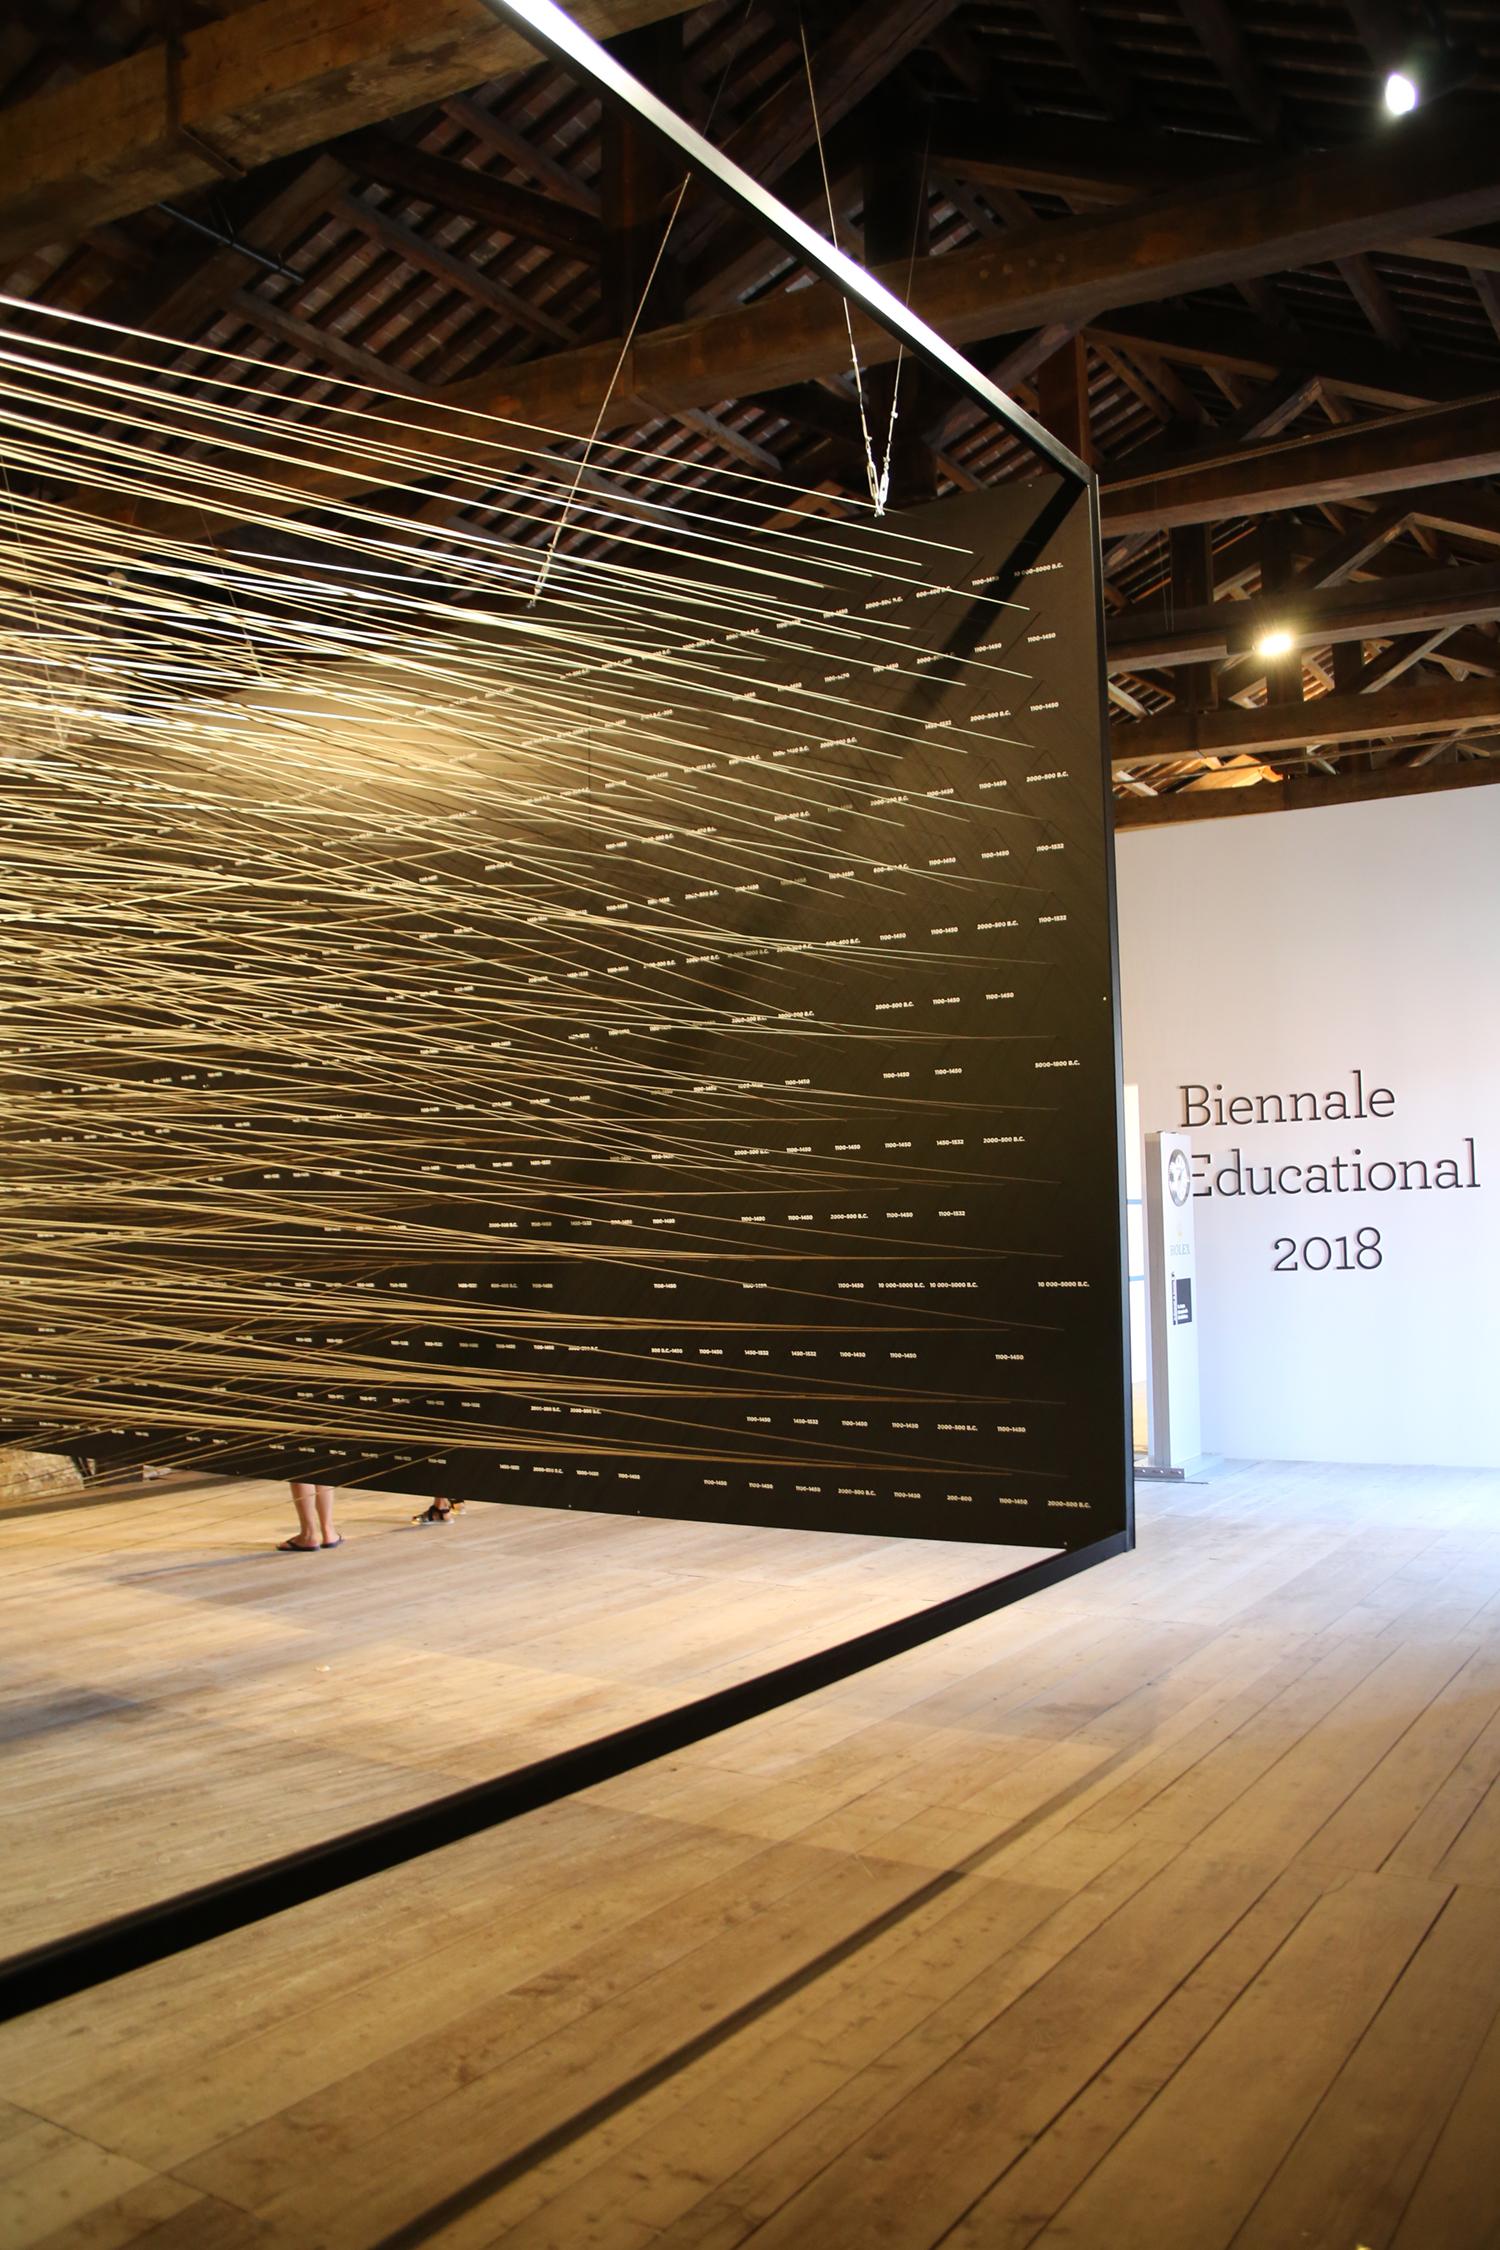 biennale architecture venise 2018 606.JPG